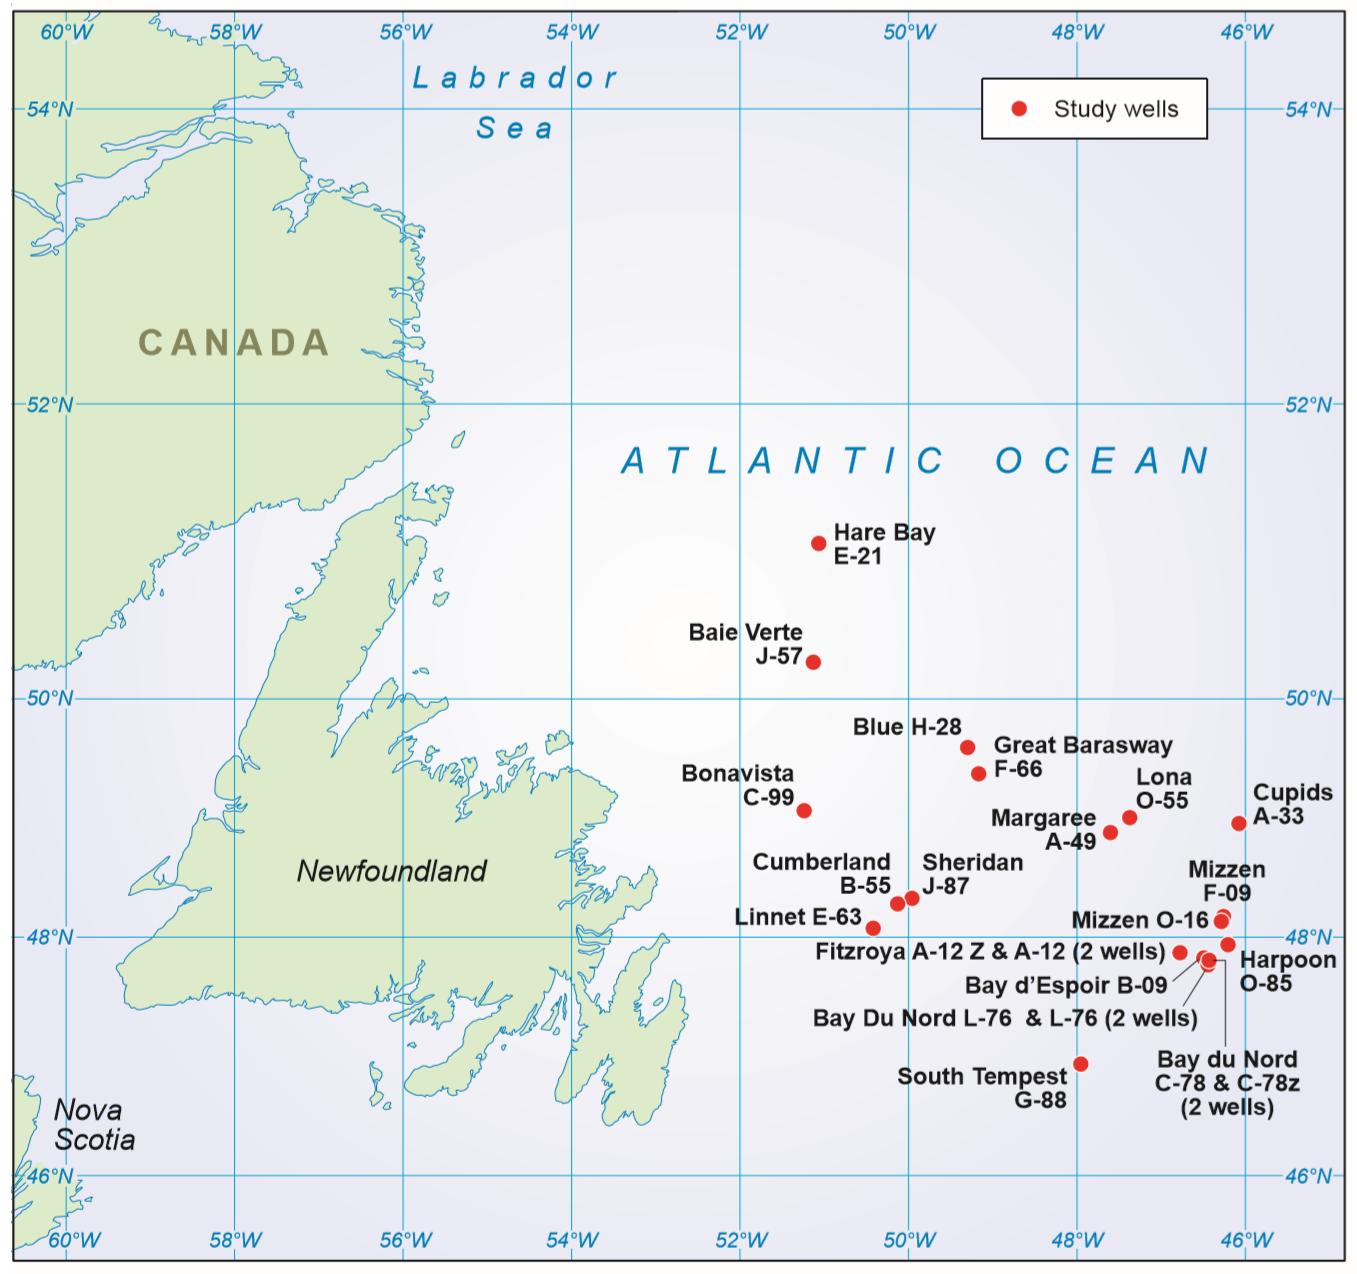 Twenty two study wells in Newfoundland, East Canada.